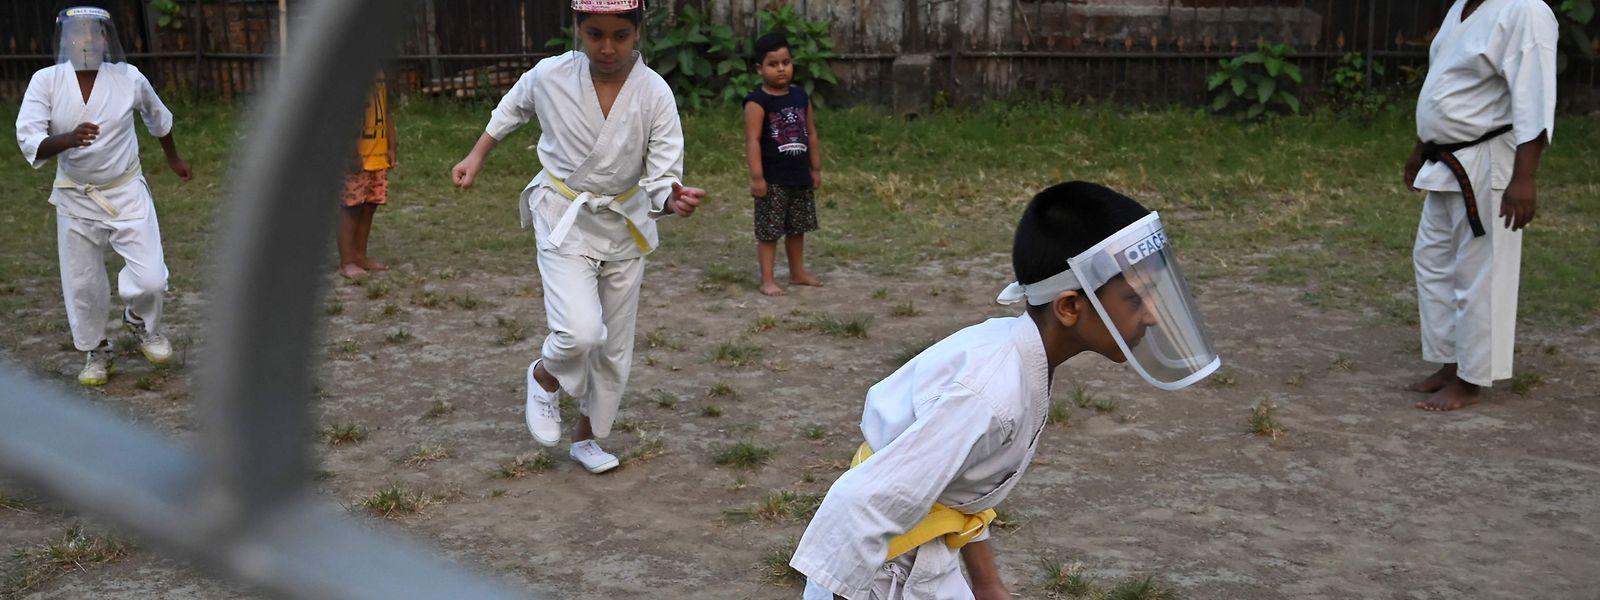 Crianças com viseiras contra a pandemia durante uma aula de artes marciais em Kolkata, na Índia.